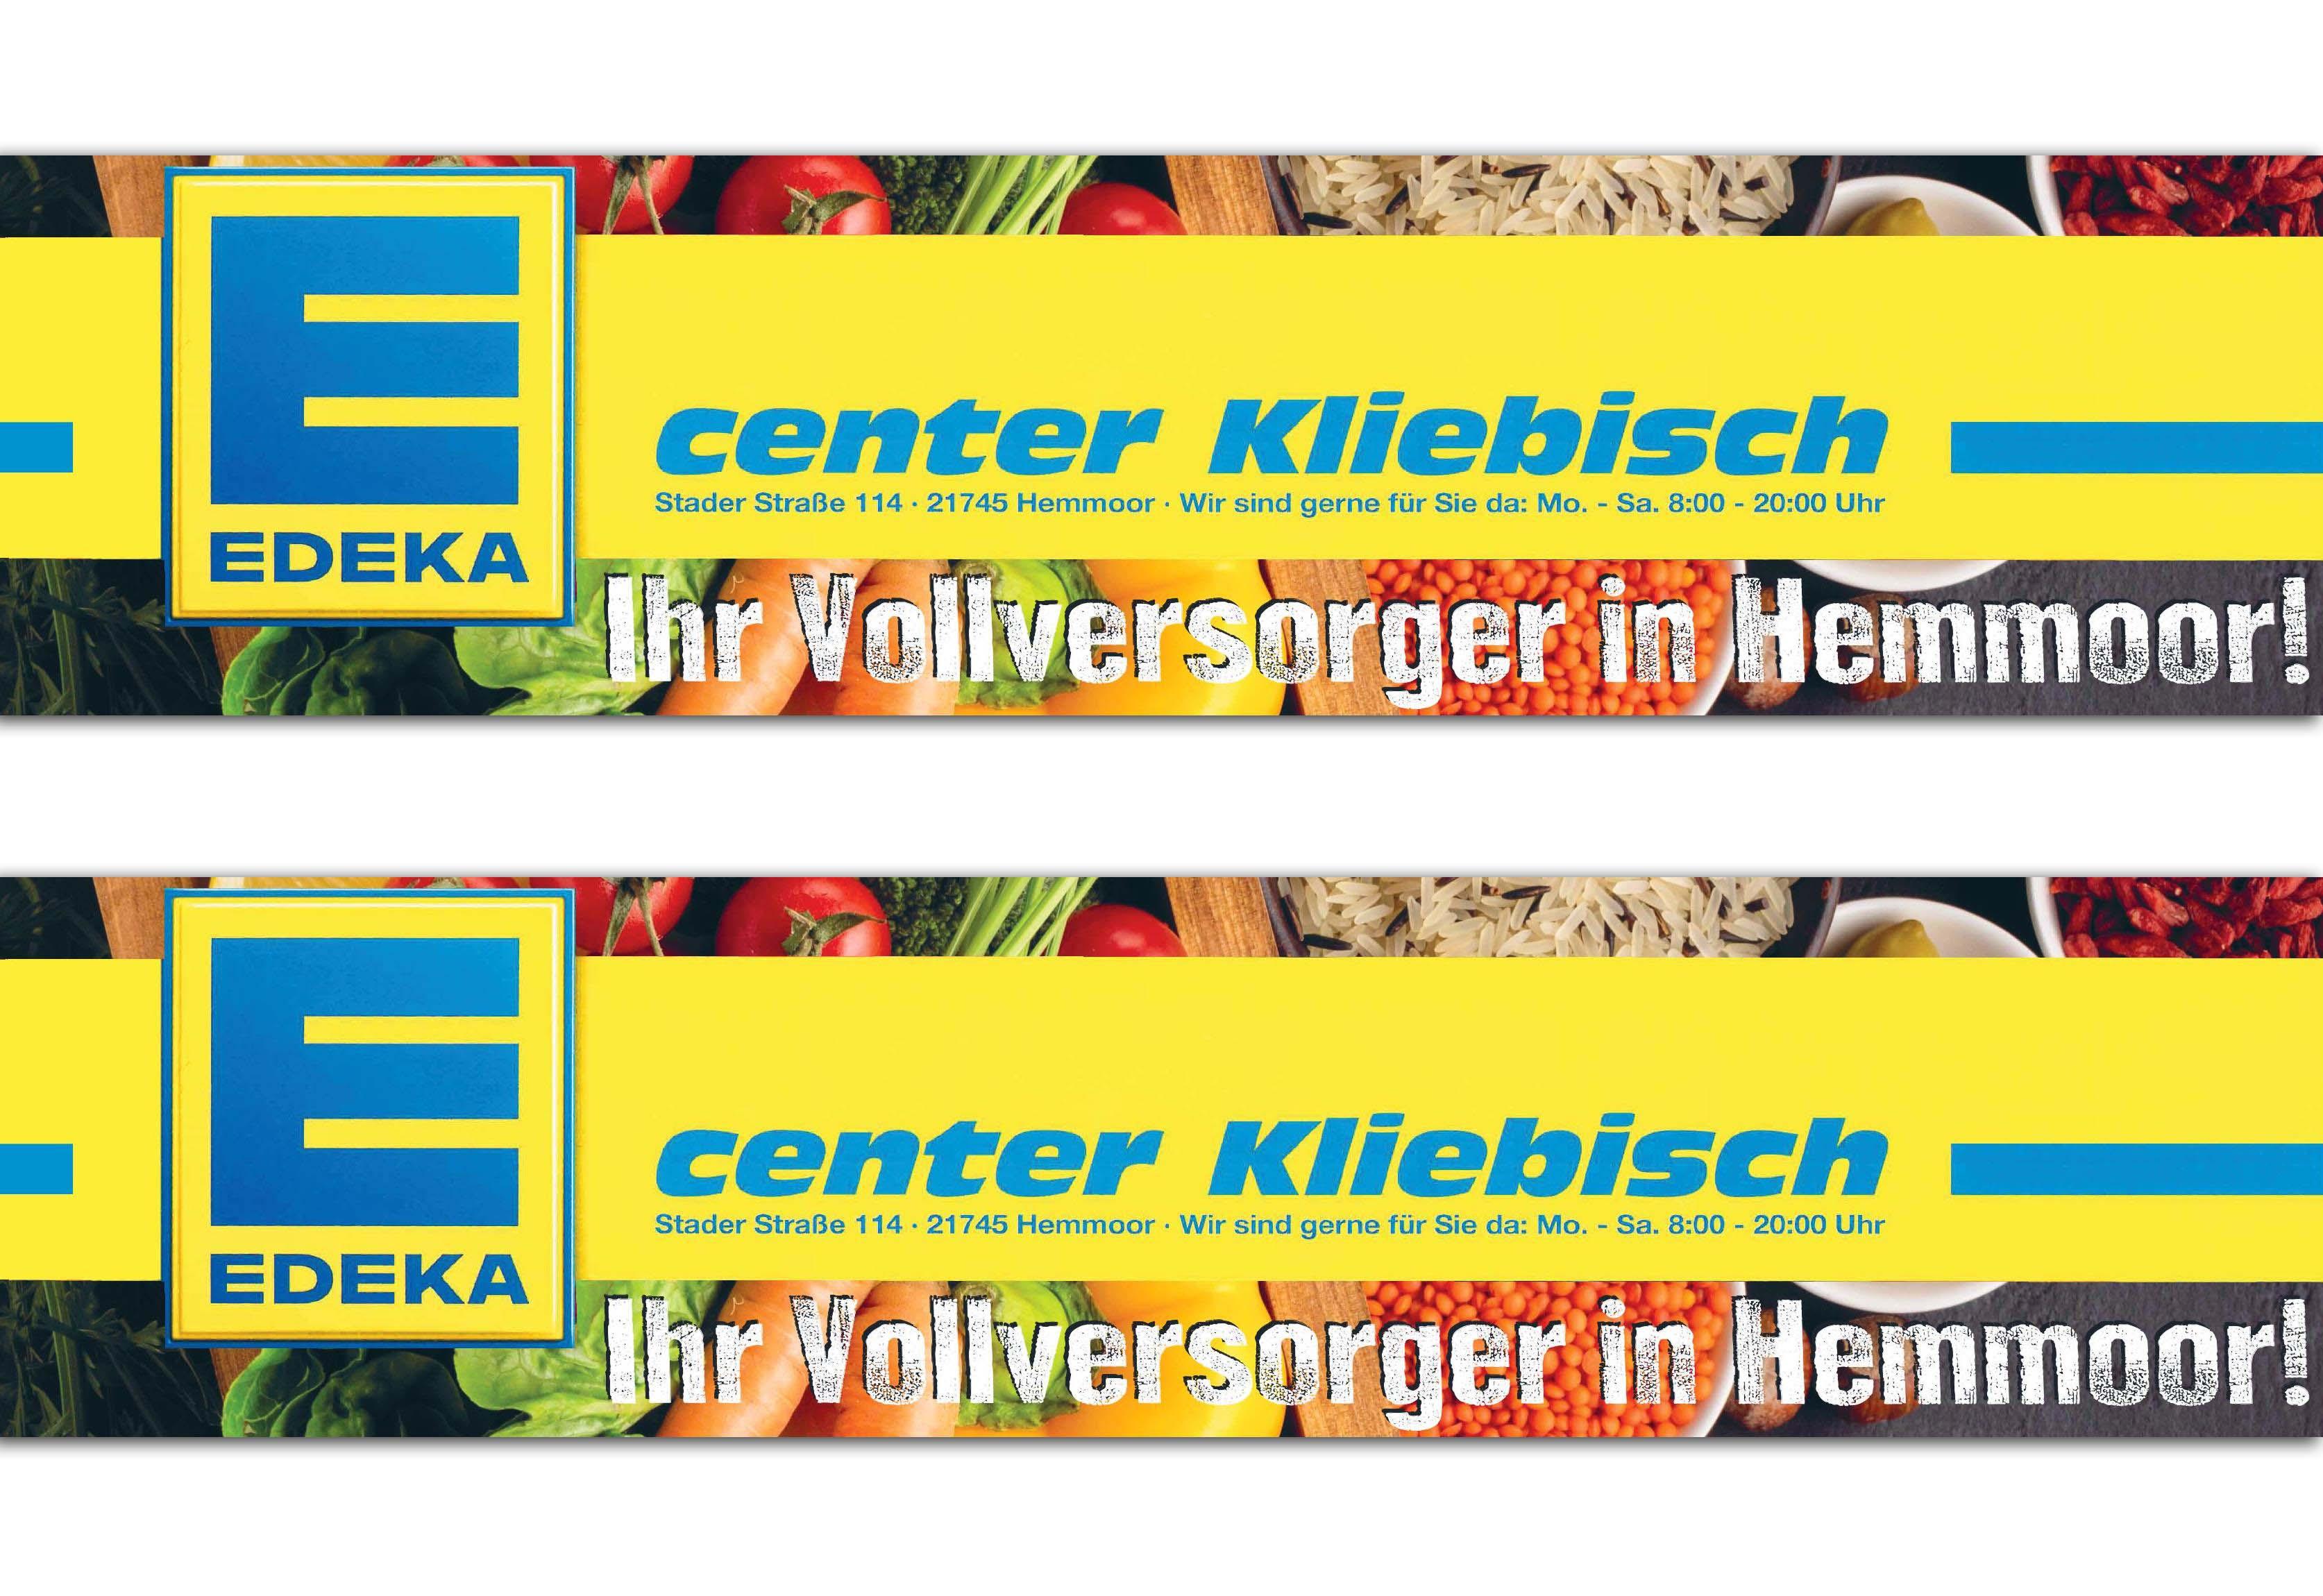 EDEKA Center Kliebisch